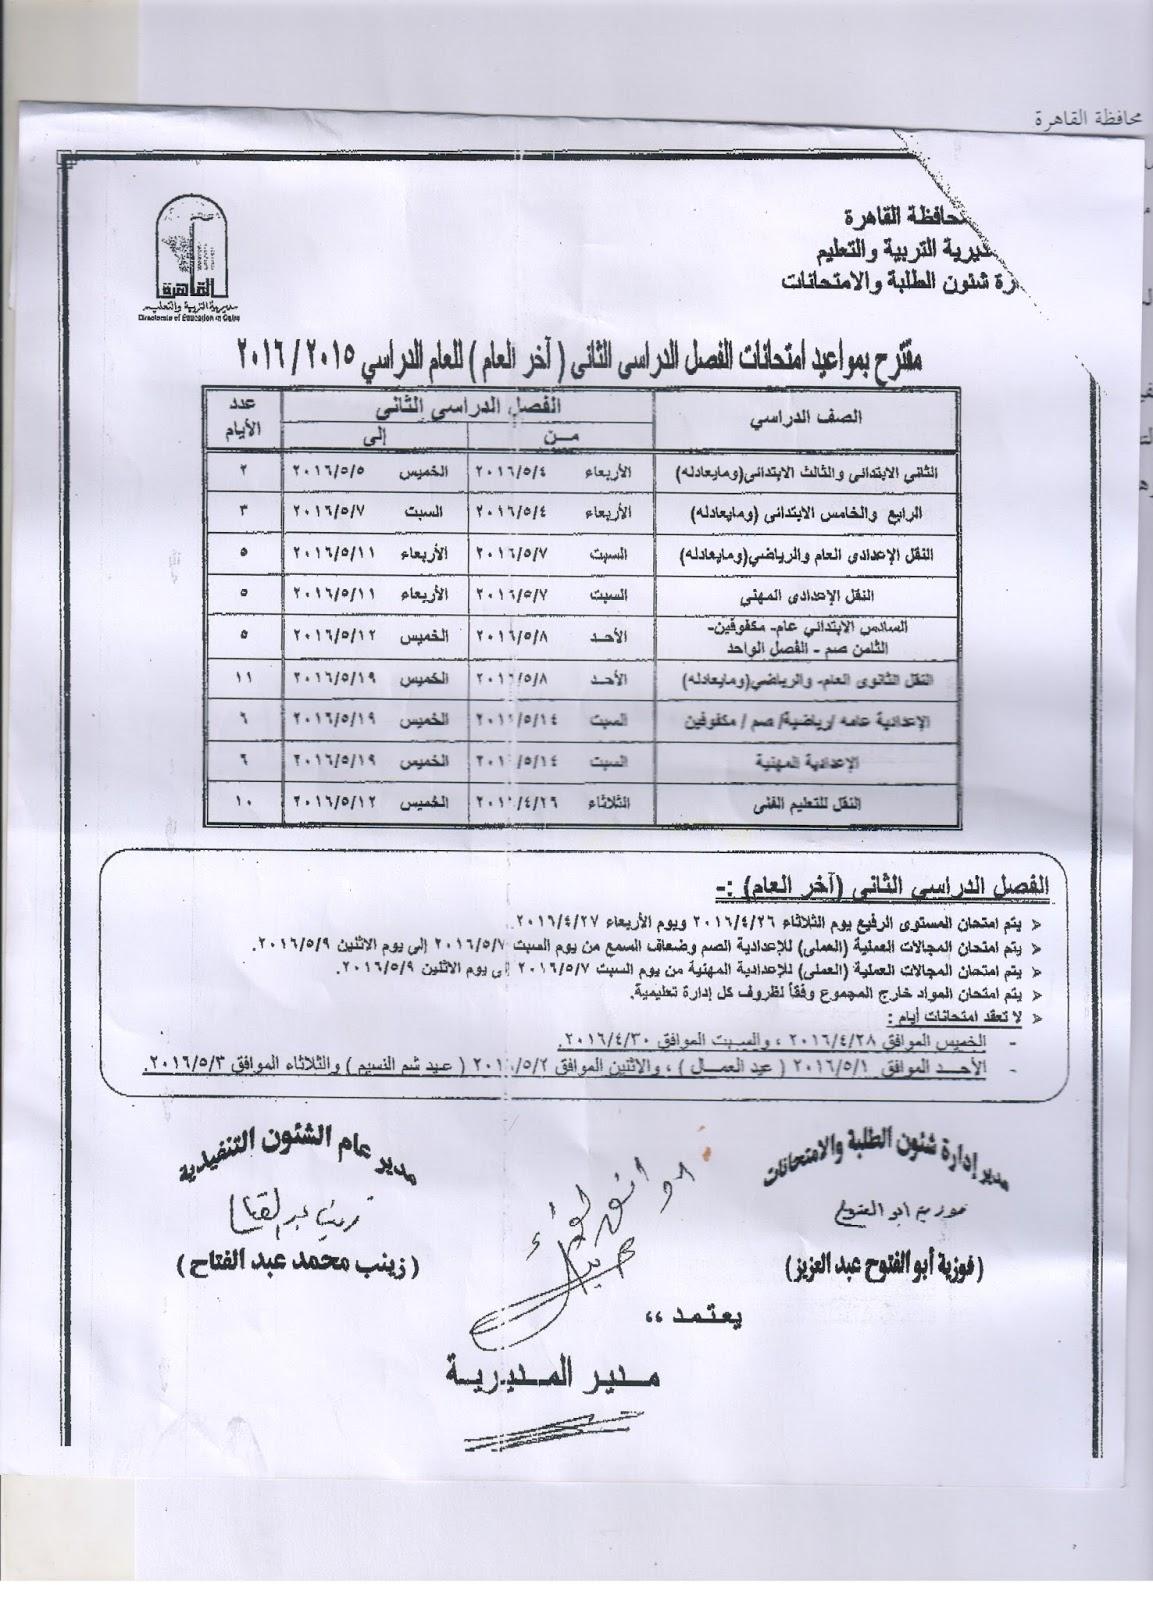 جدول مواعيد امتحانات محافظة القاهرة الترم الثانى 2016 لصفوف النقل والشهادات 41545444